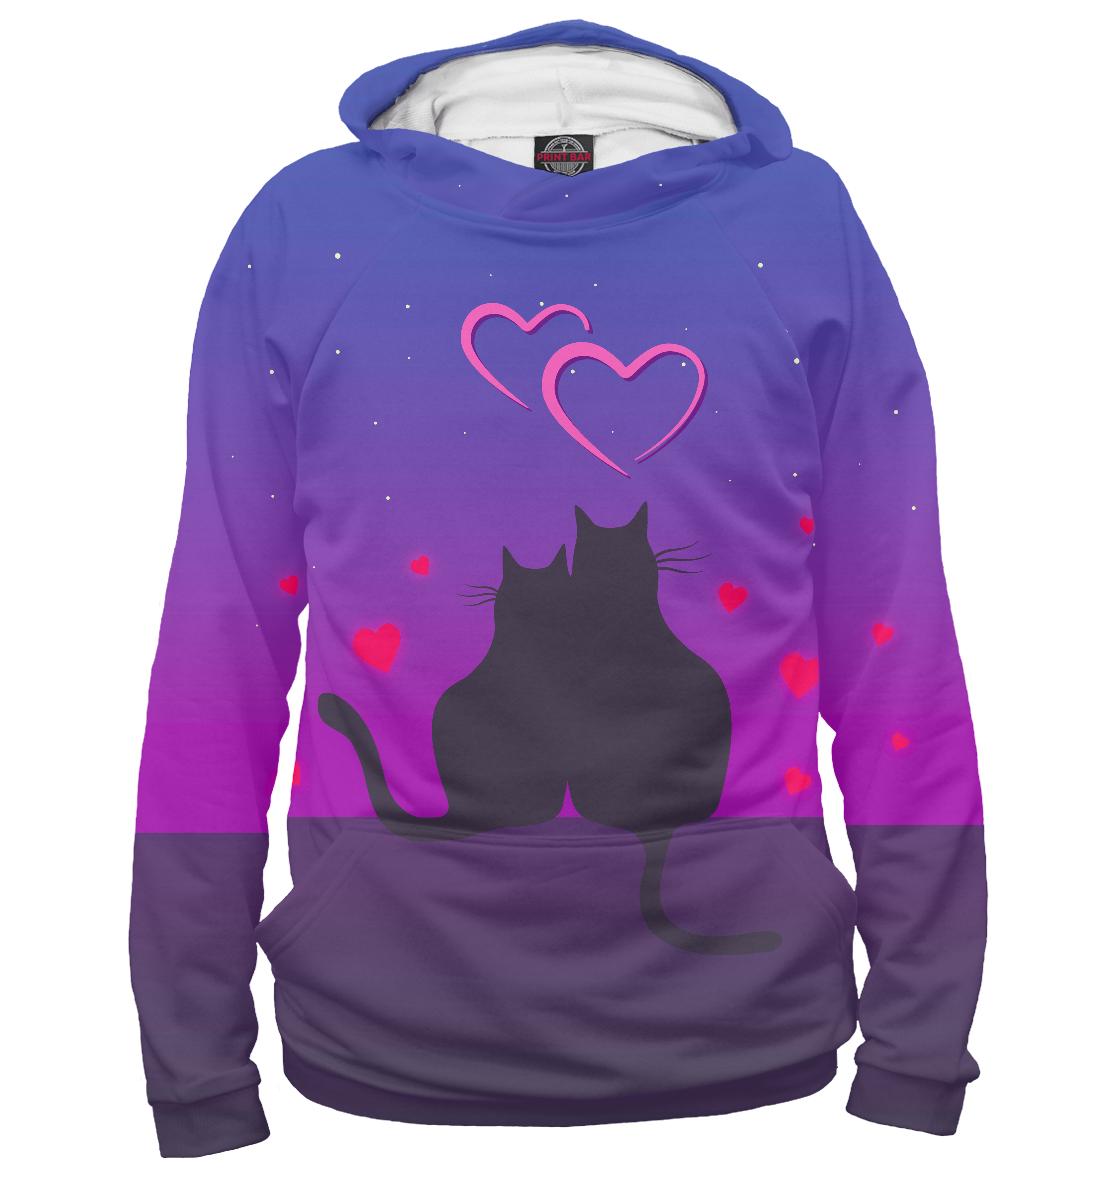 Купить Cat's desire. Парные футболки., Printbar, Худи, 14F-763648-hud-2